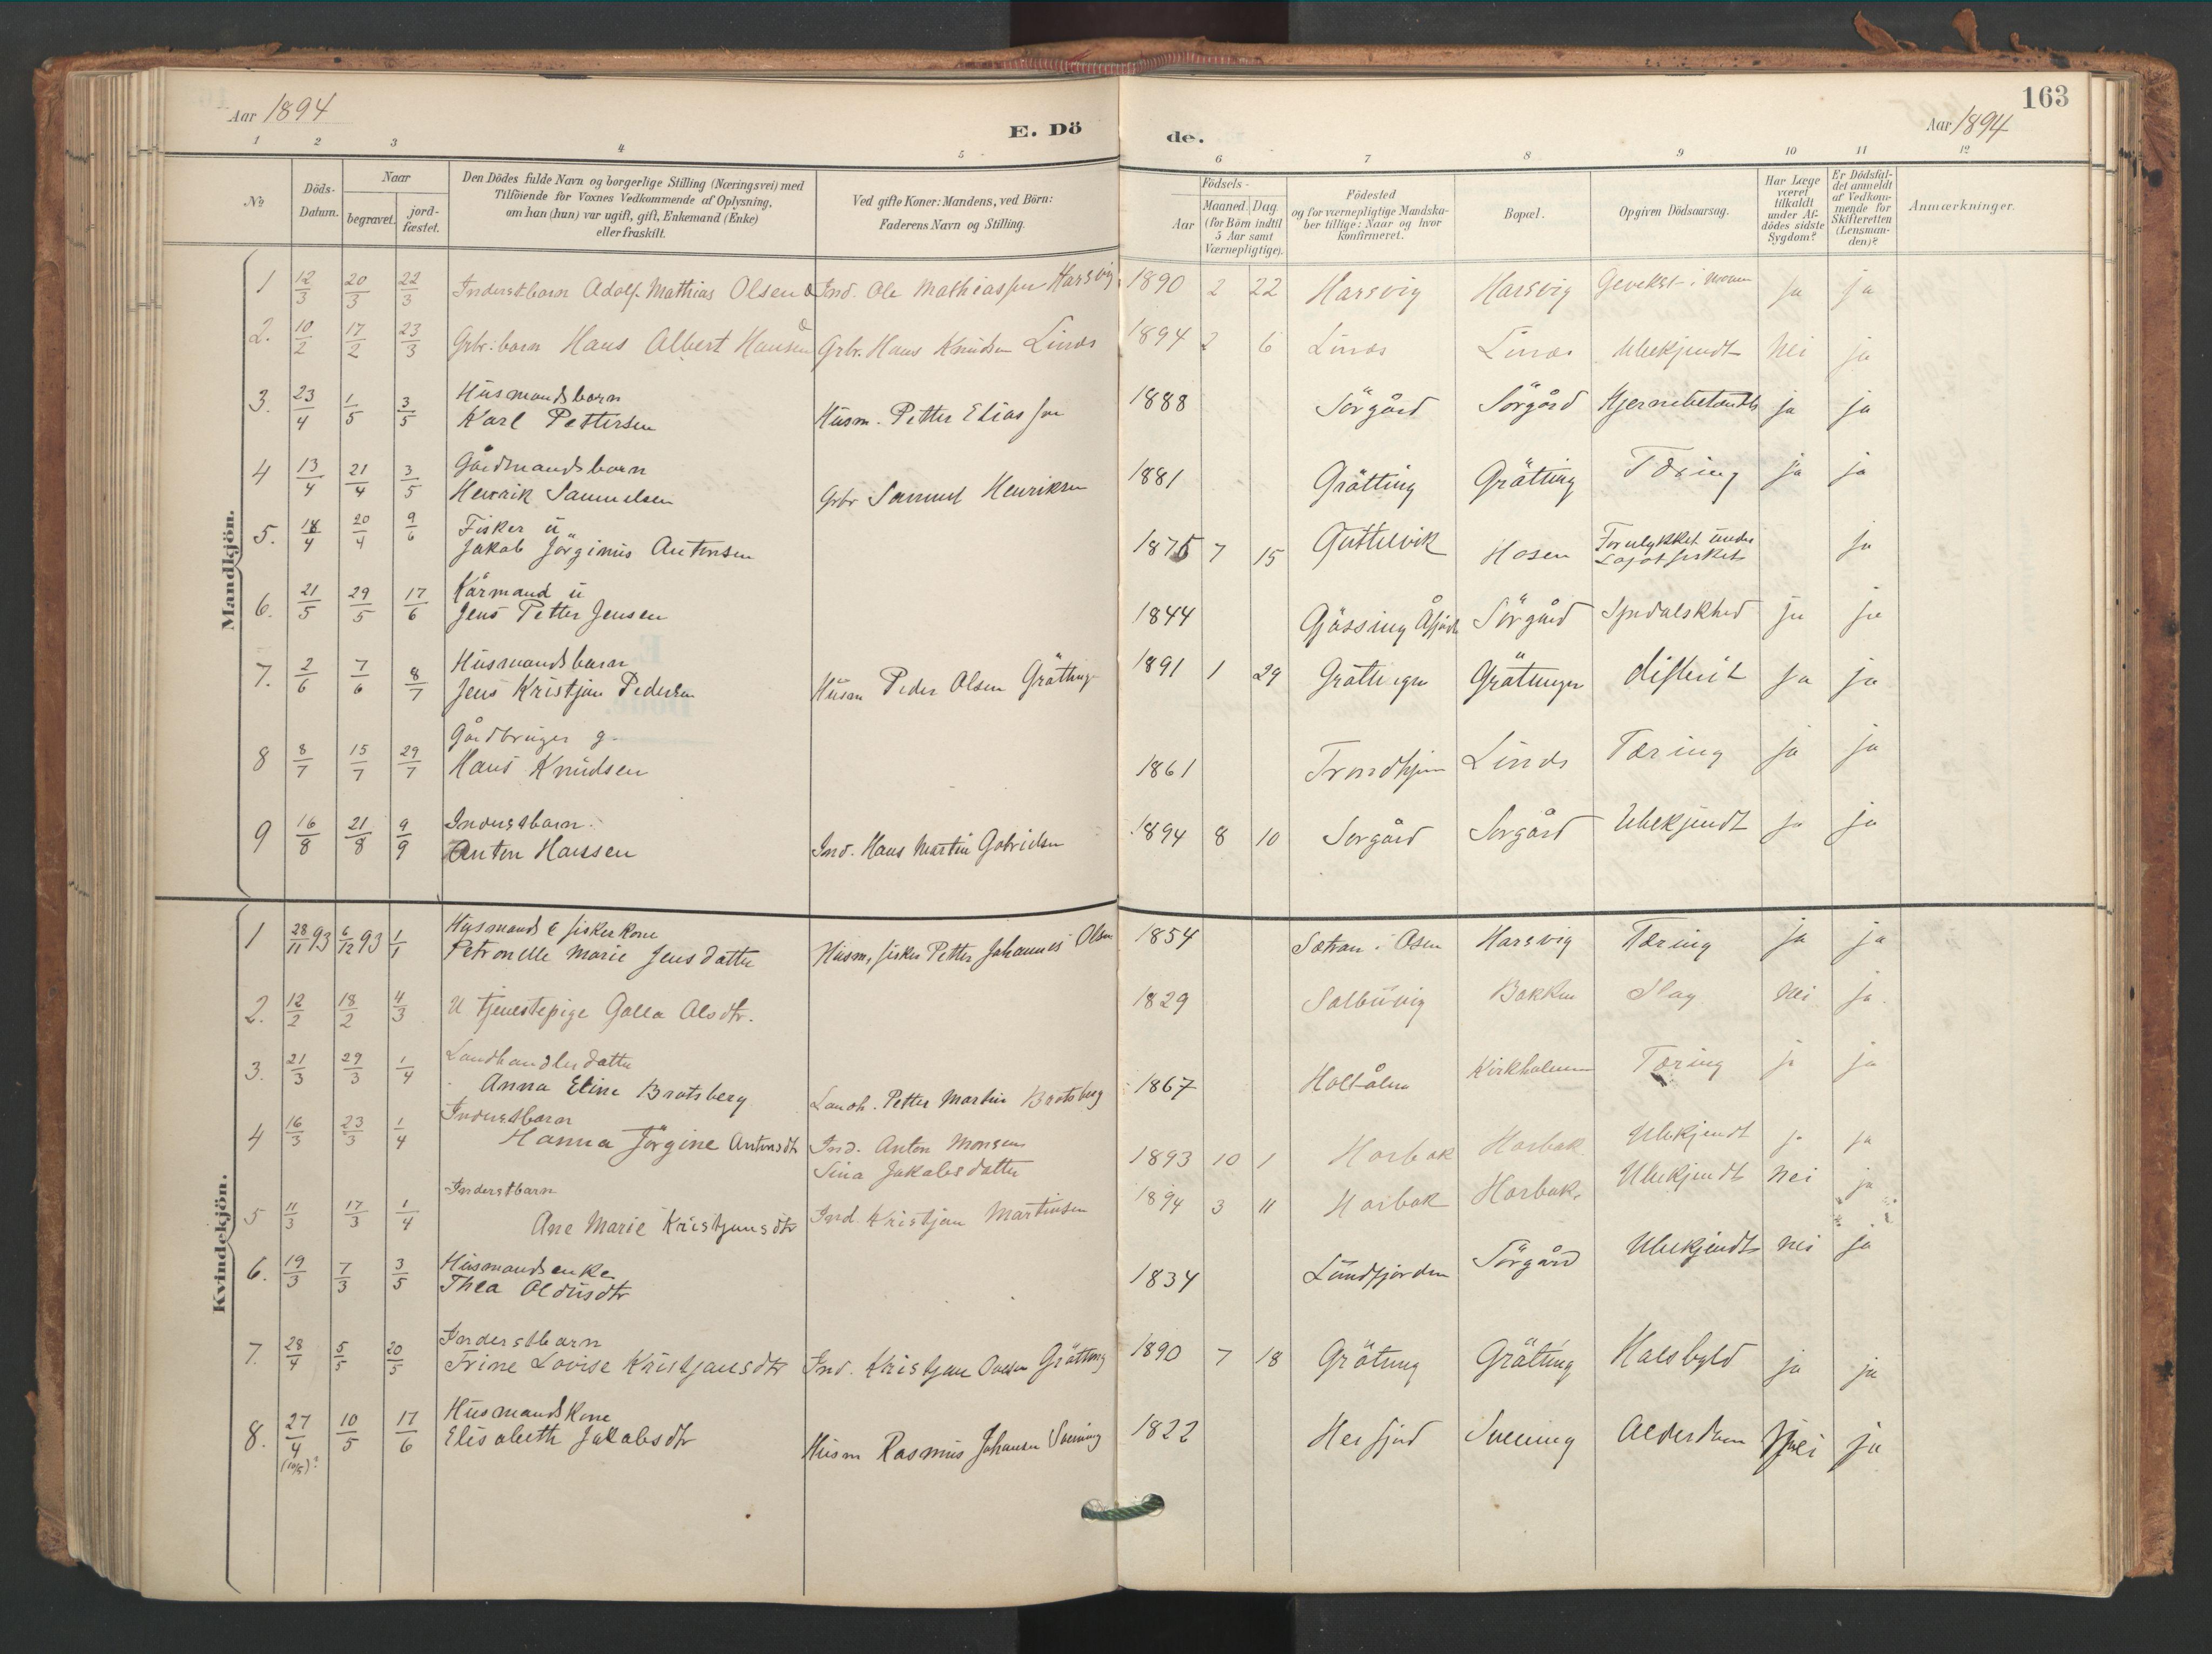 SAT, Ministerialprotokoller, klokkerbøker og fødselsregistre - Sør-Trøndelag, 656/L0693: Ministerialbok nr. 656A02, 1894-1913, s. 163